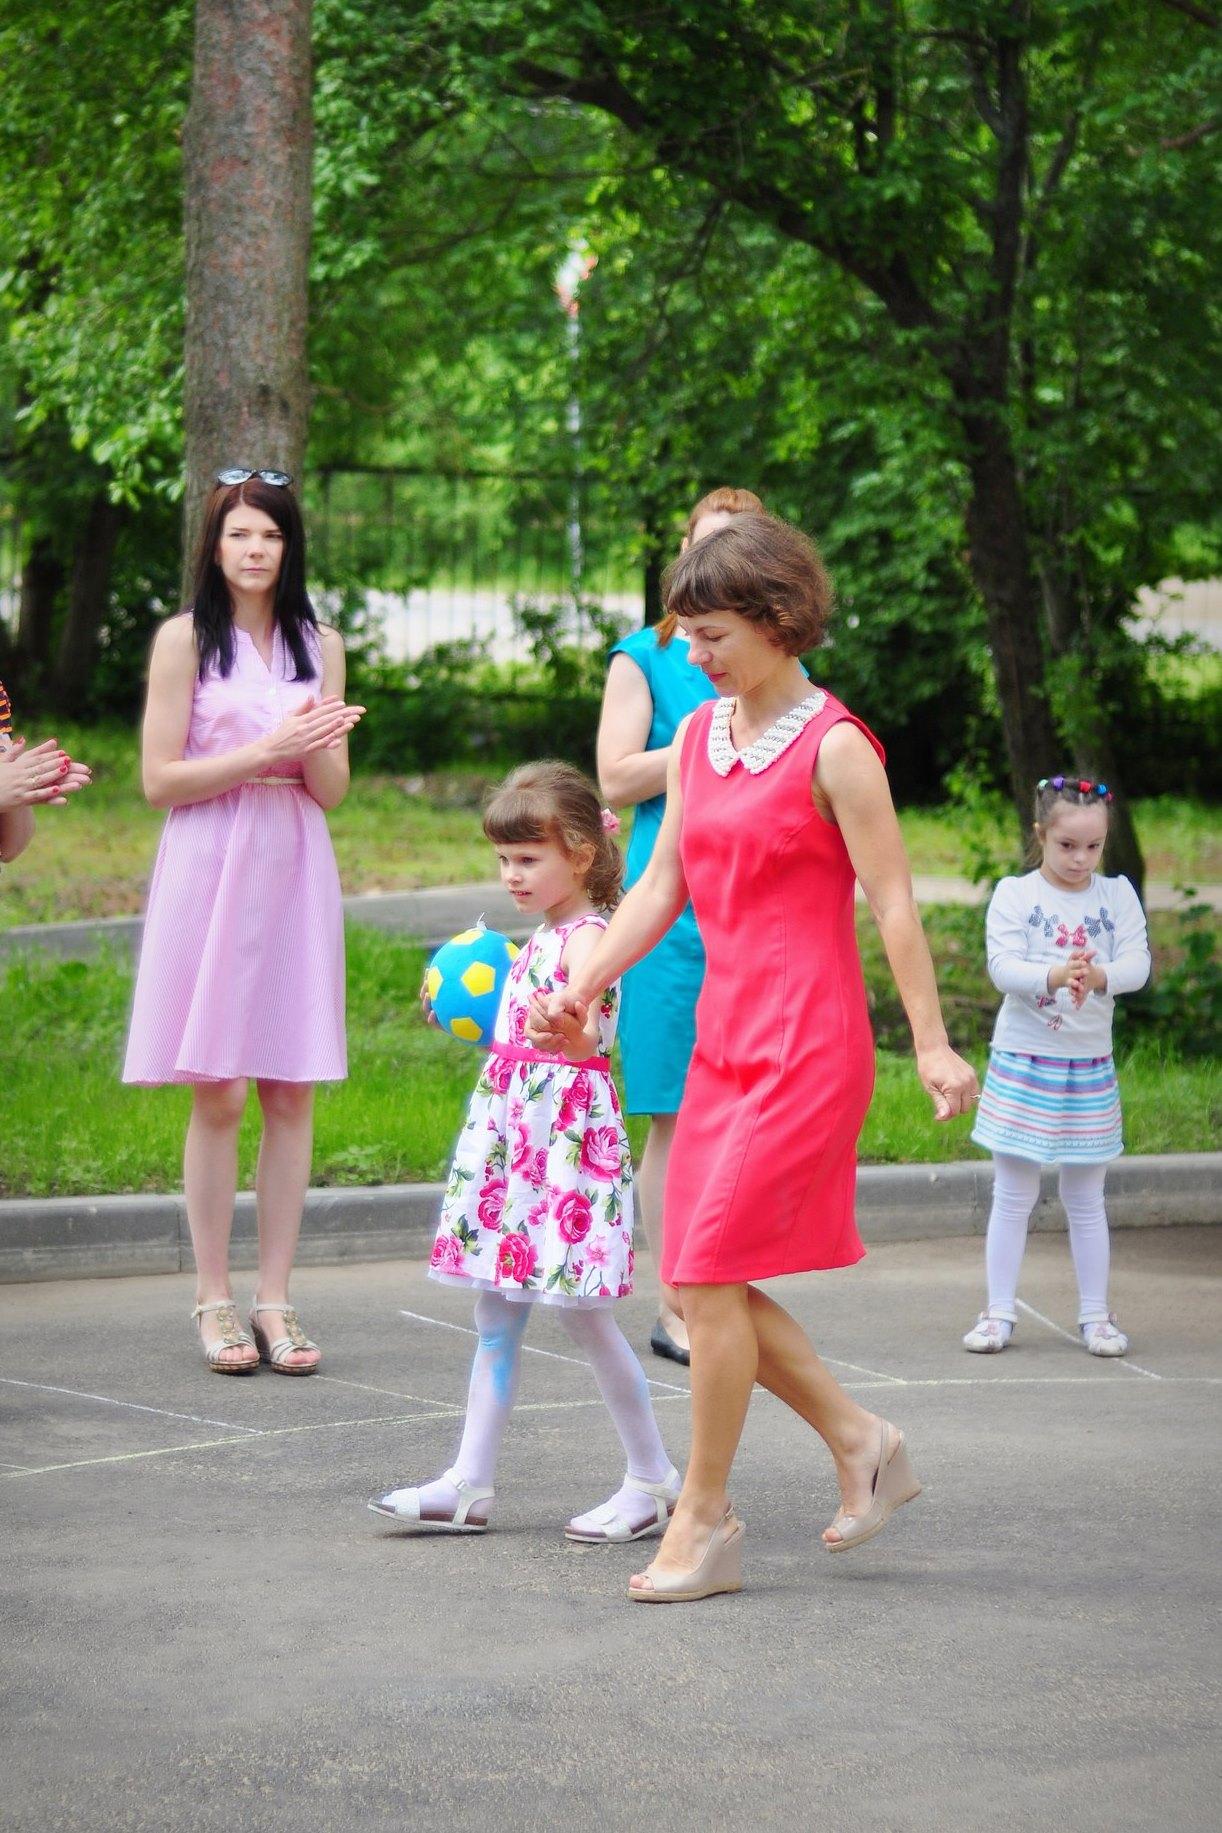 24.06.2016, вып. в Лесовичке, фото О. Сидяковой, 07